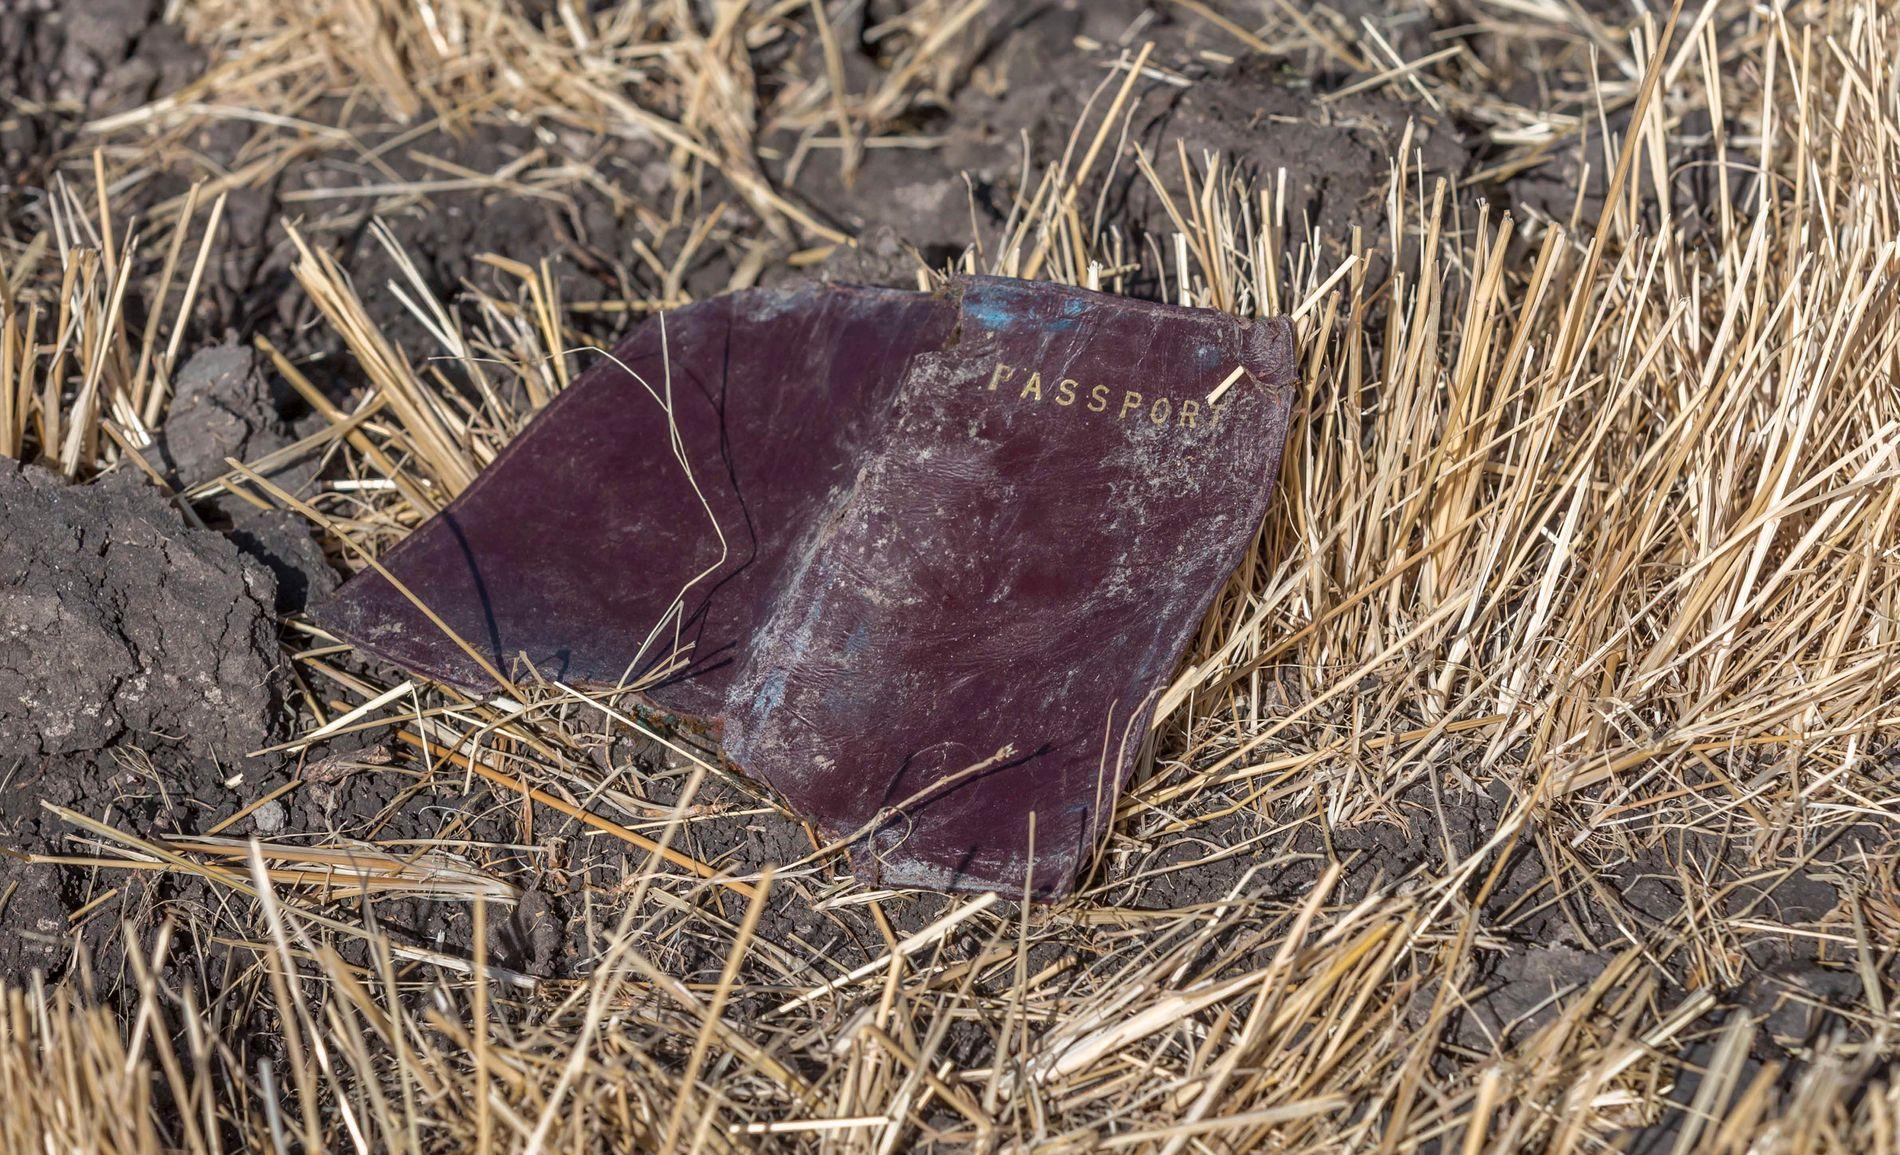 INGEN OVERLEVENDE: Et av passasjerenes pass ligger i åkeren hvor Ethiopian Airlines-flyet styrtet søndag.